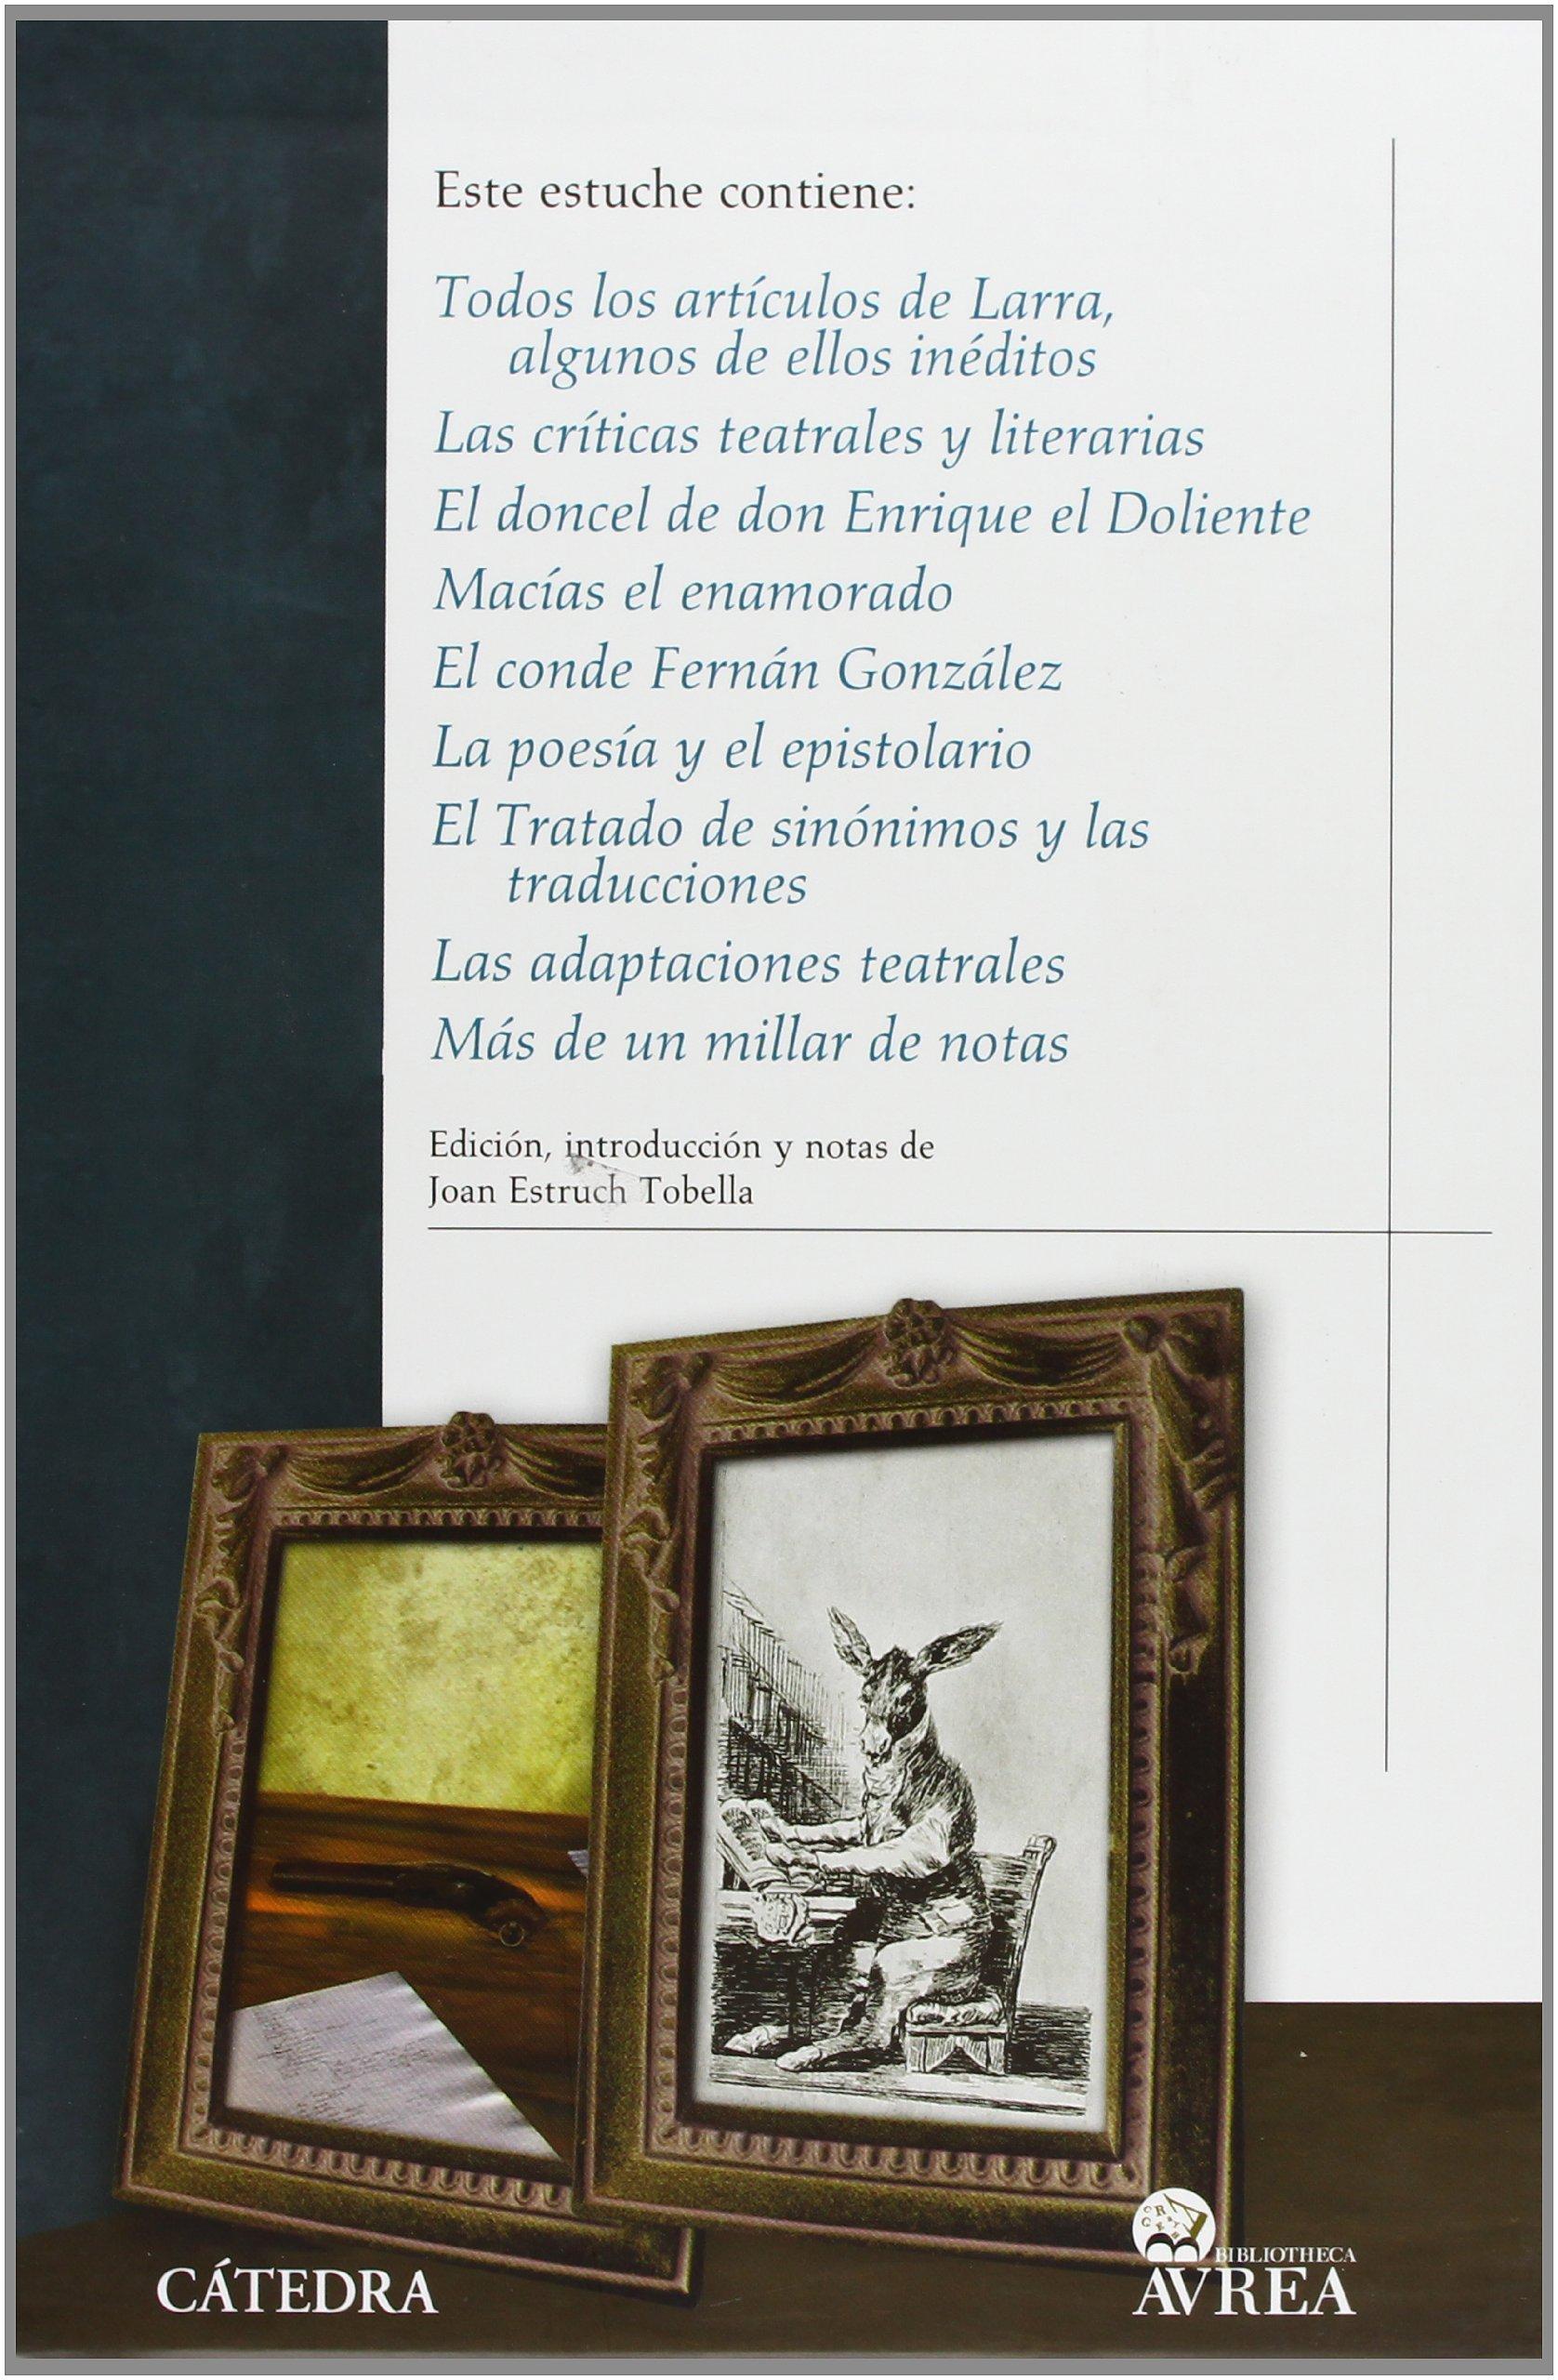 Estuche Larra I y II: 1-2 Bibliotheca Avrea - Estuches Avrea: Amazon.es: Larra, Mariano José de: Libros